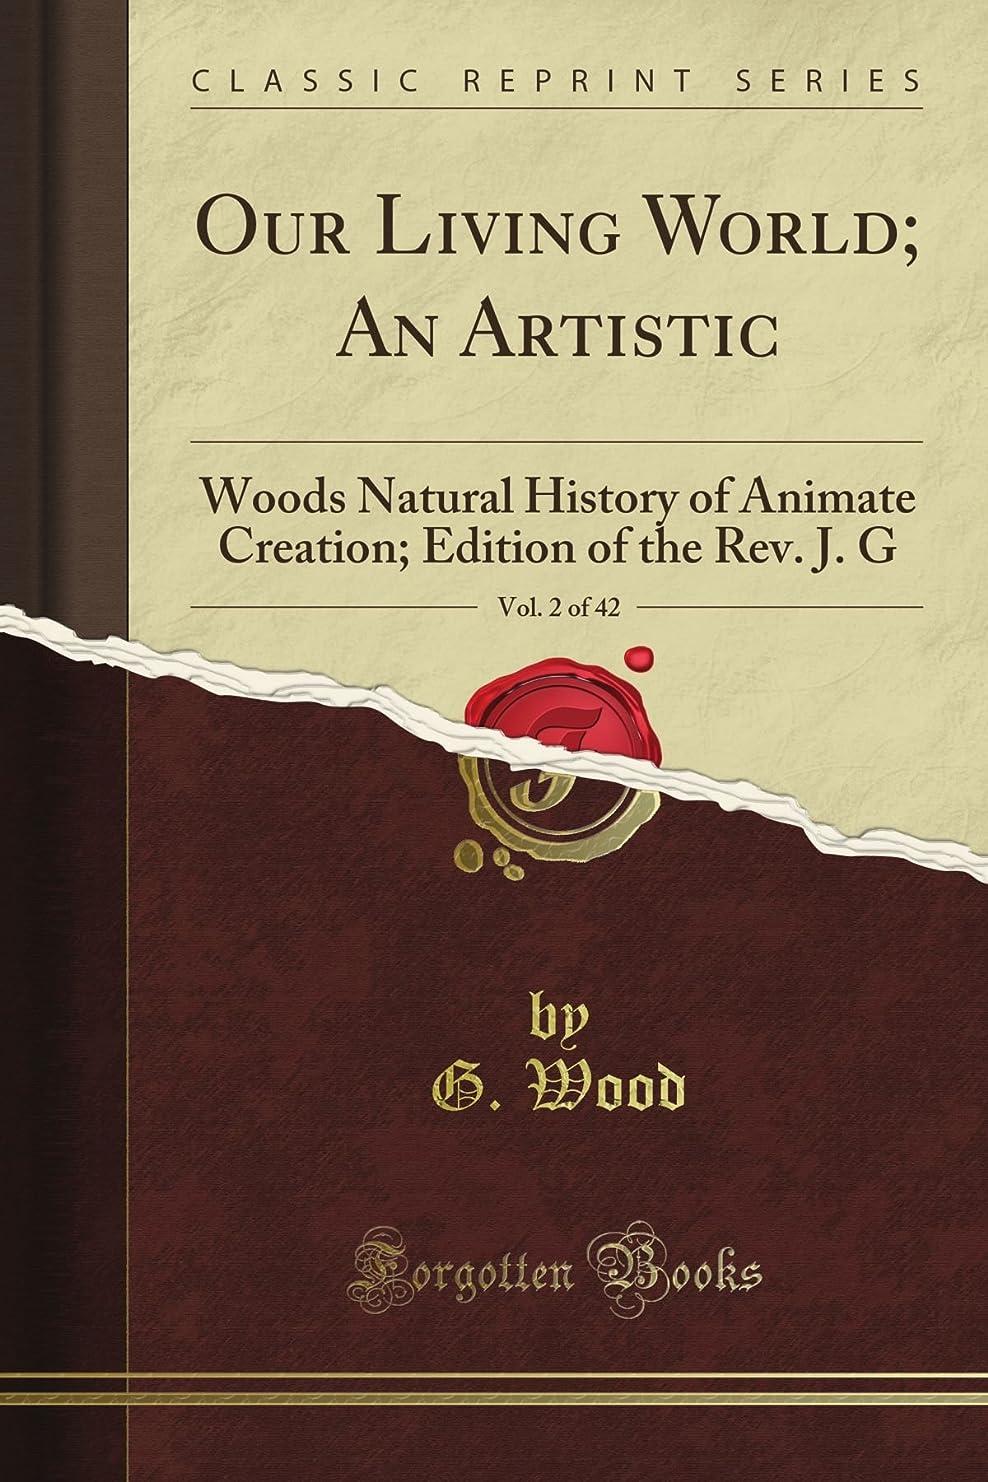 メタルライン軽く最小化するOur Living World; An Artistic: Wood's Natural History of Animate Creation; Edition of the Rev. J. G, Vol. 2 of 42 (Classic Reprint)